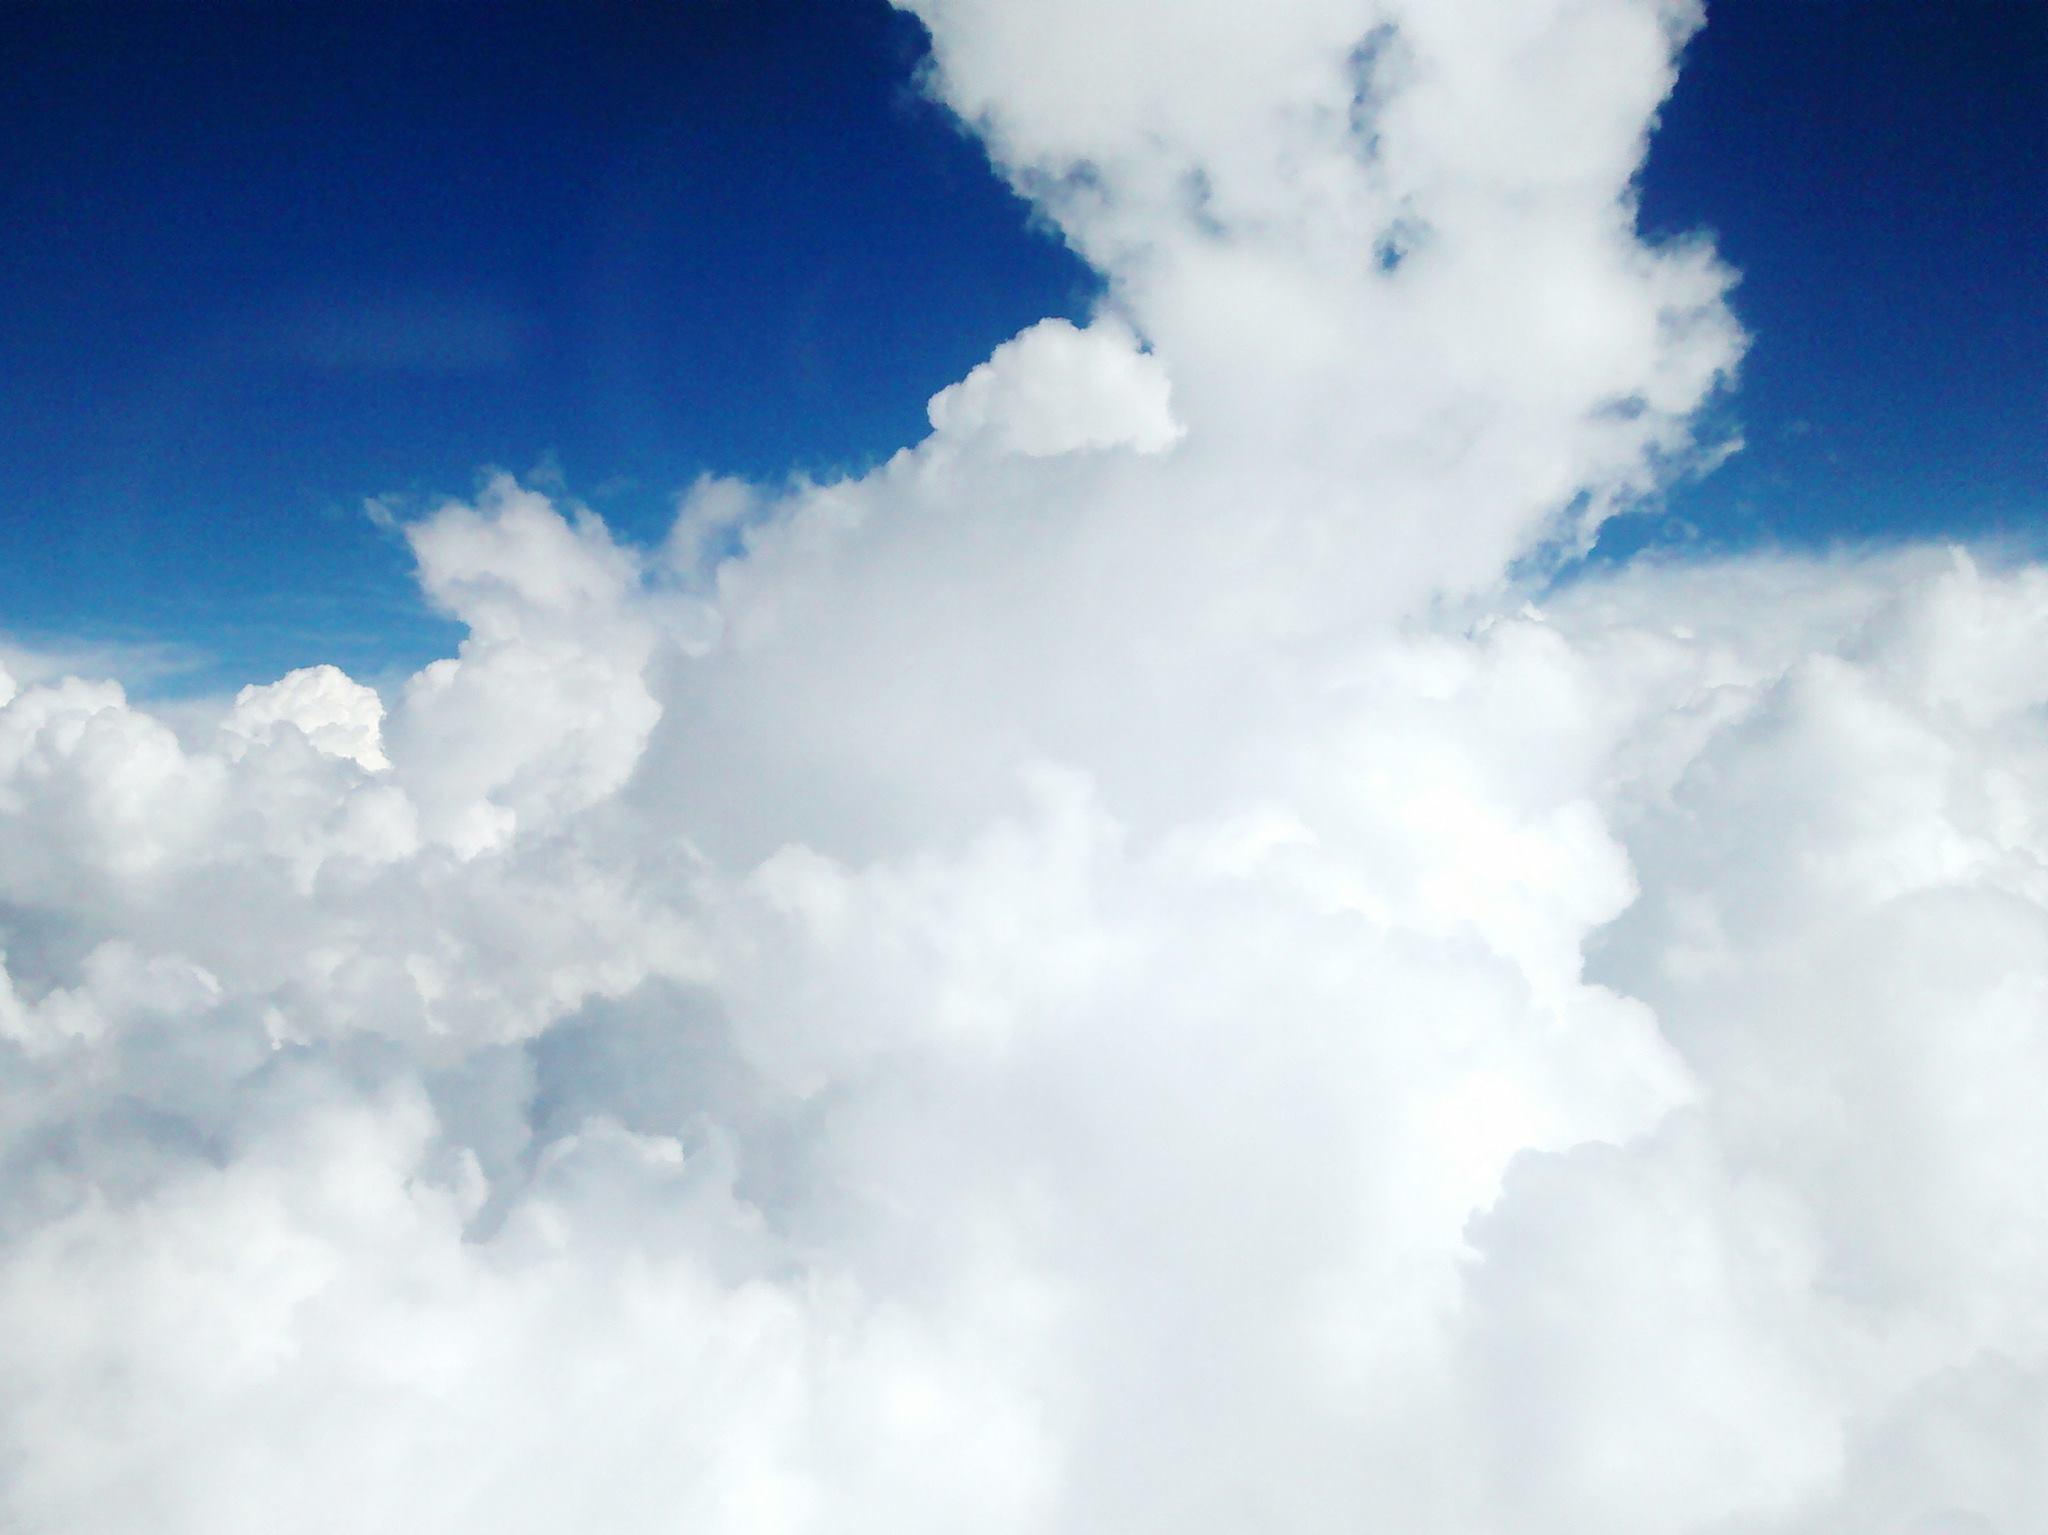 Carta en una nube